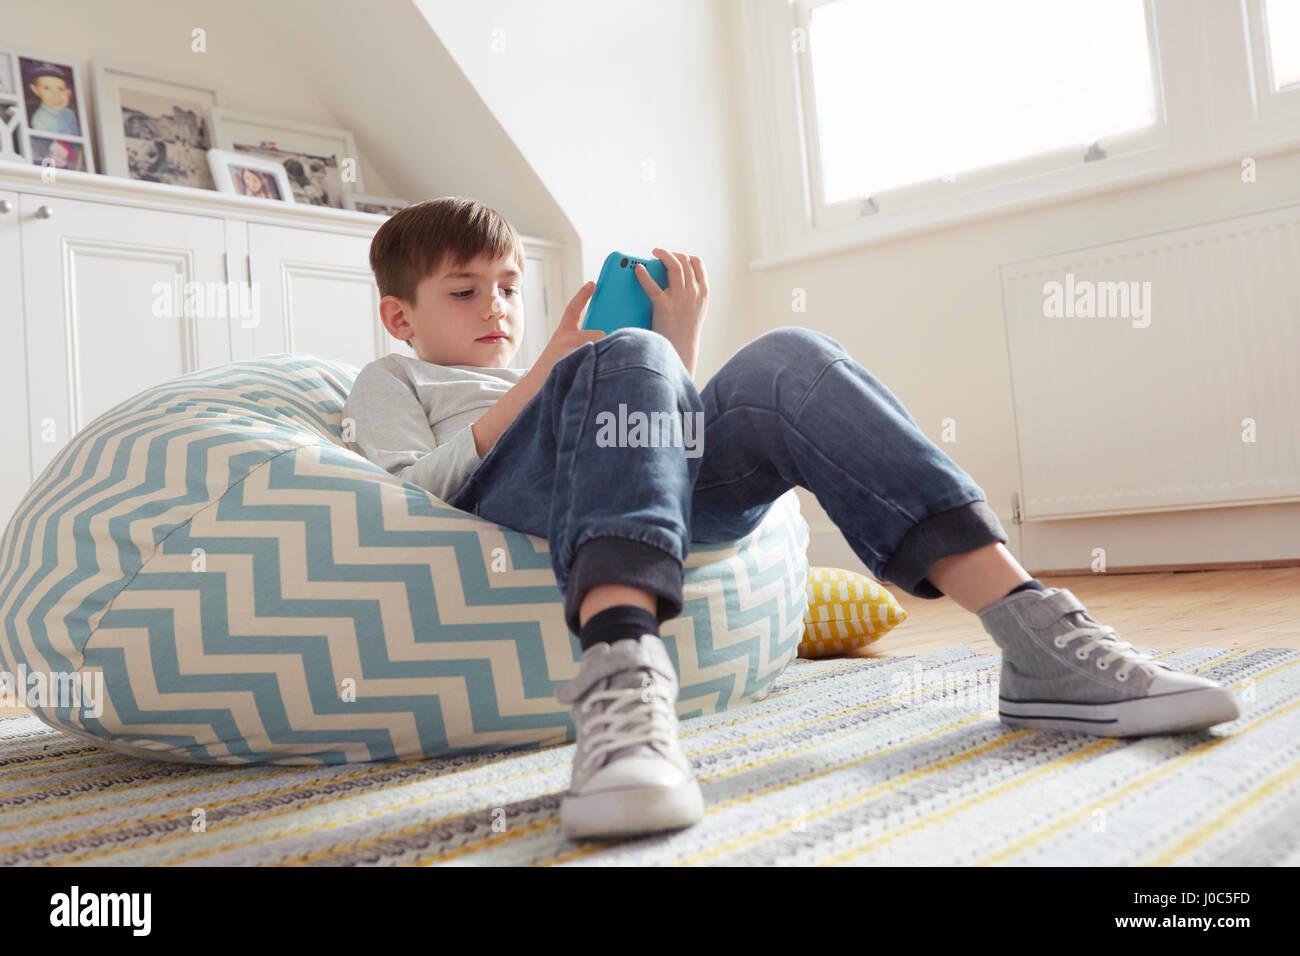 Junge liegend auf Sitzsack Blick auf digital-Tablette Stockbild